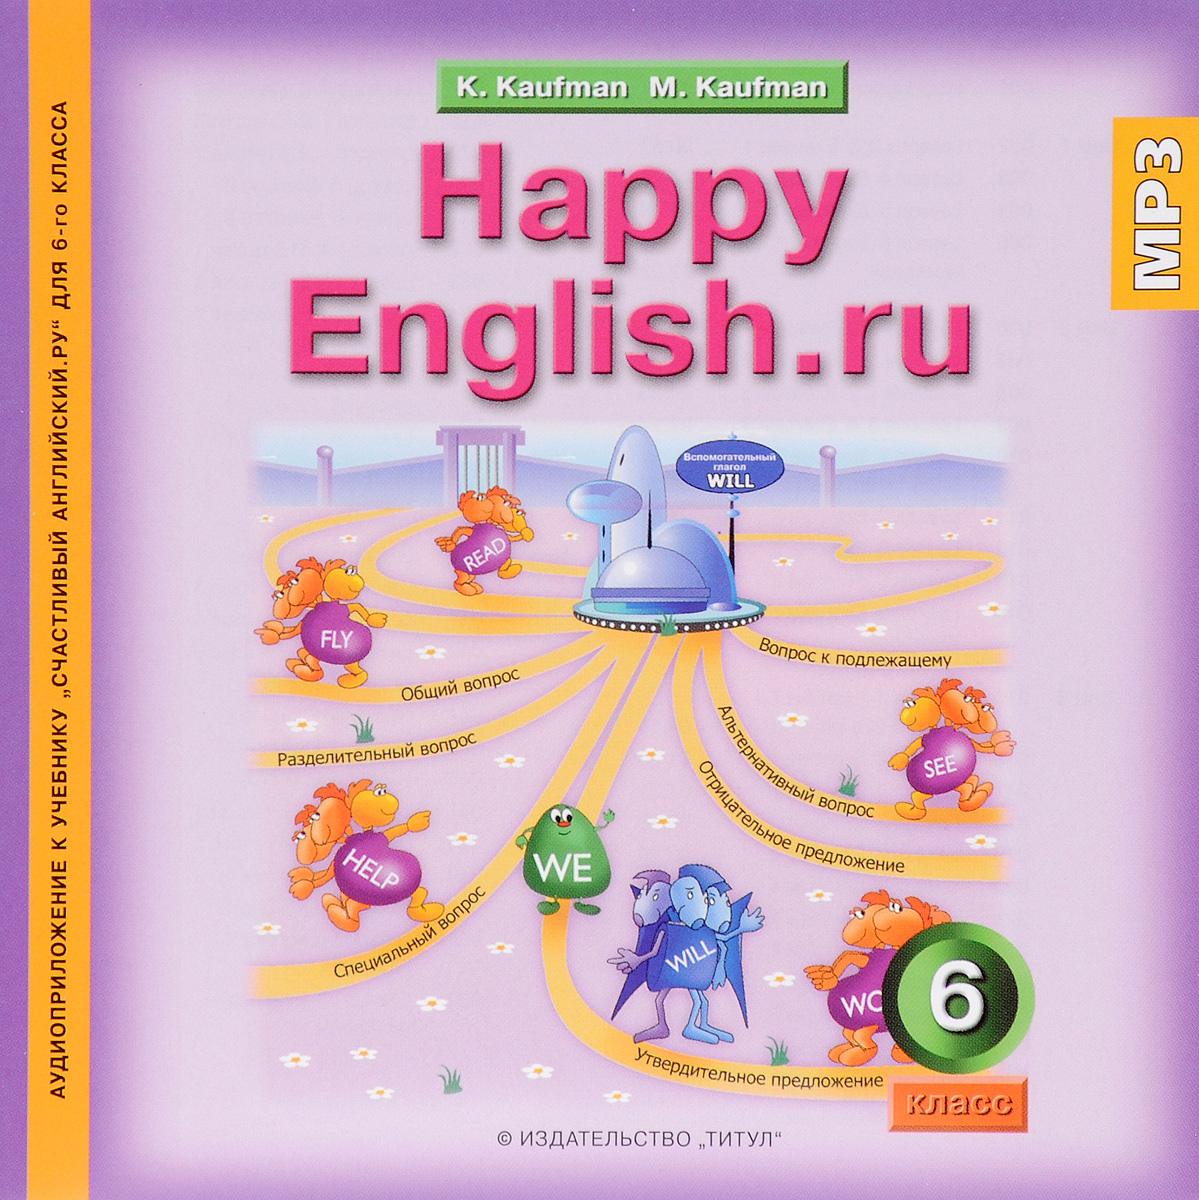 Happy English.ru 6 / Счастливый английский.ру. Английский язык. 6 класс. Электронное учебное пособие ван луся китайский язык 6 класс учебное пособие